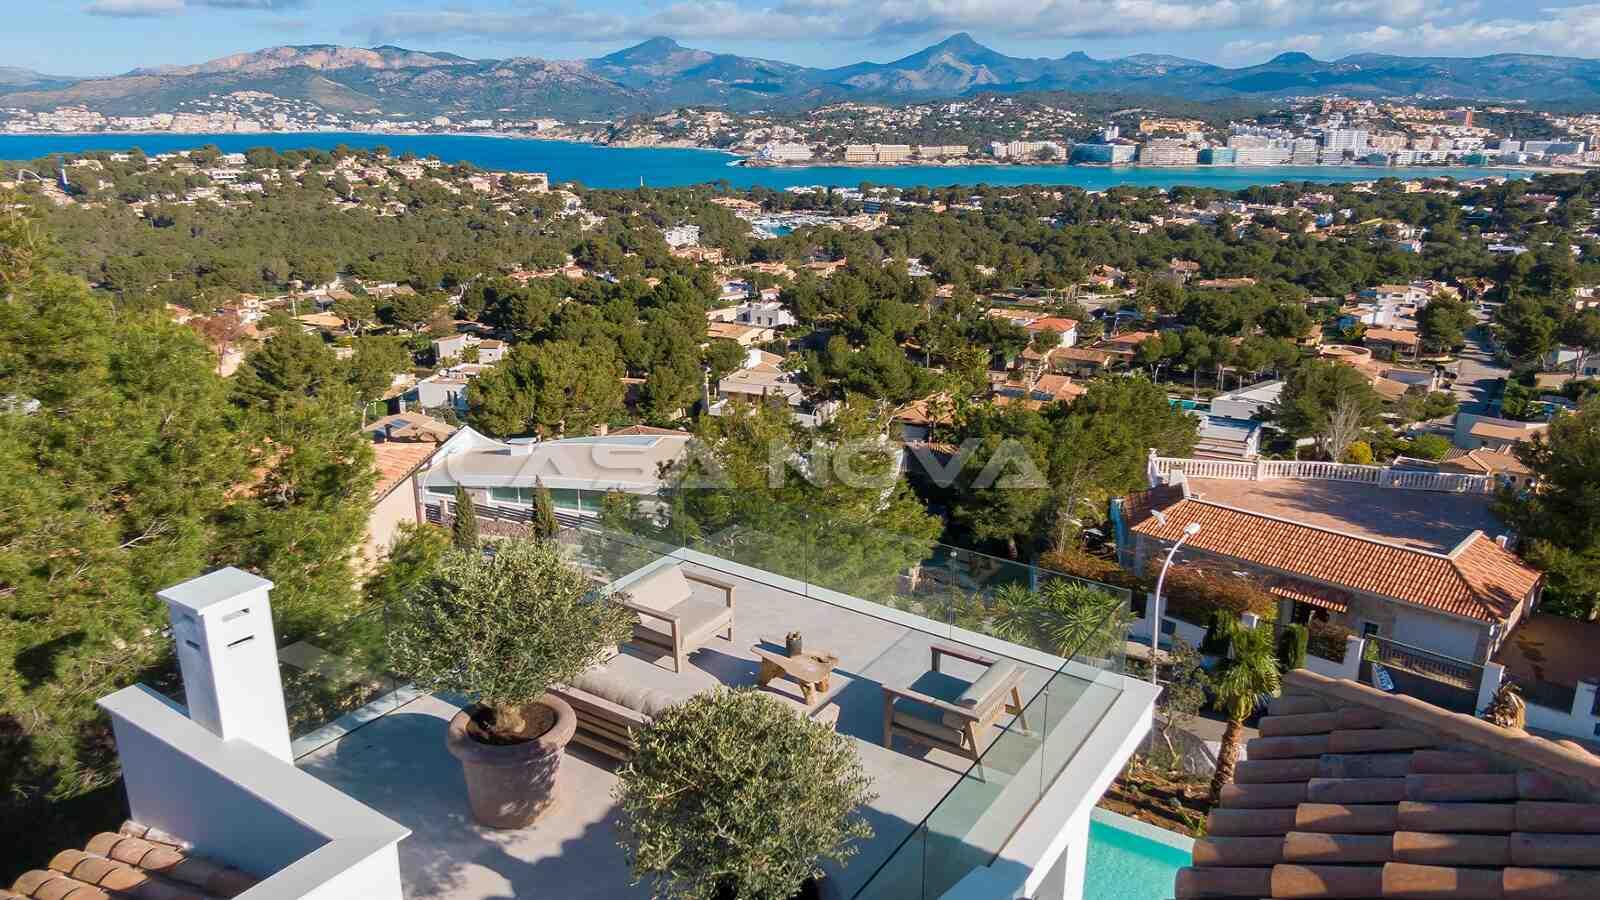 180 Grad Panoramablick über die Bucht von Santa Ponsa